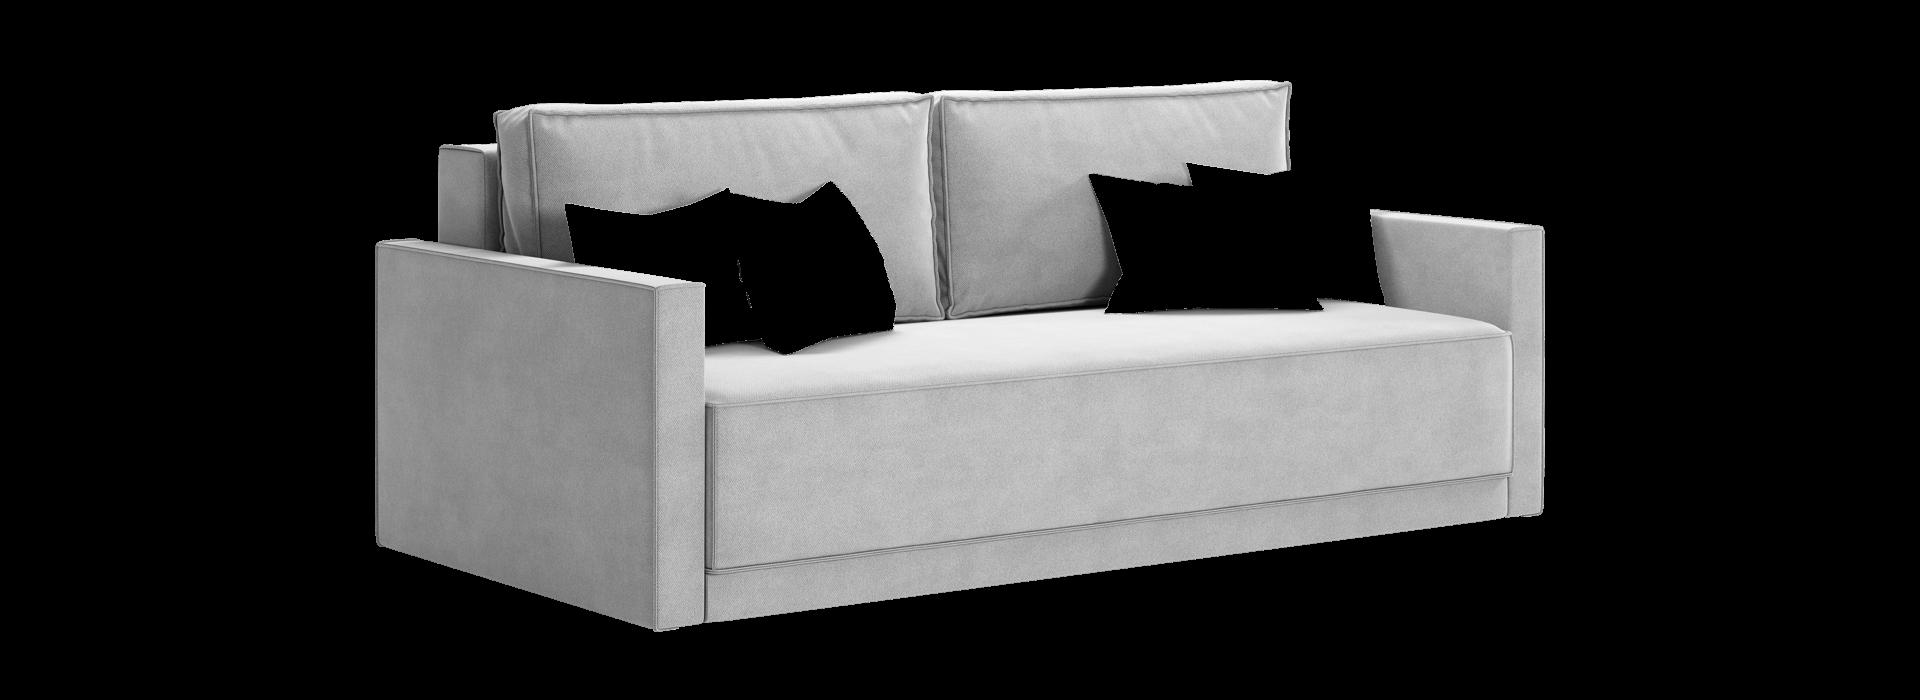 Бэн Прямой диван - маска 2